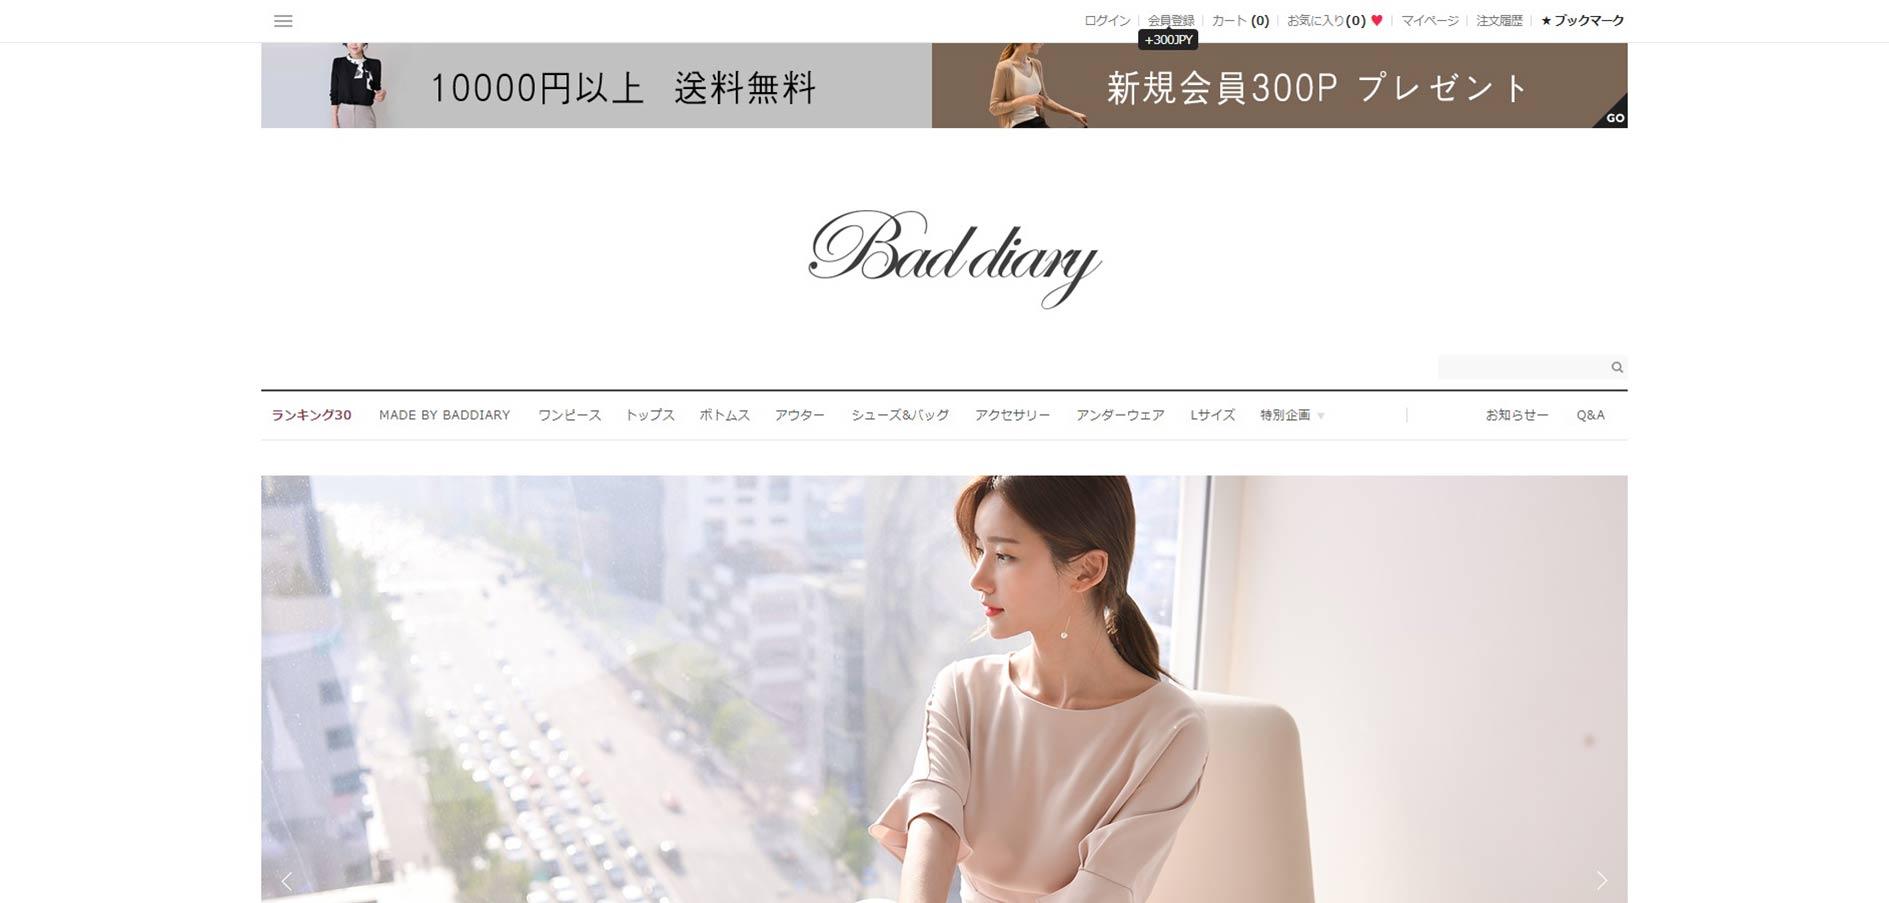 品質とデザインでおすすめな韓国ファッション通販サイトのBAD DIARY(バッドダイアリー)